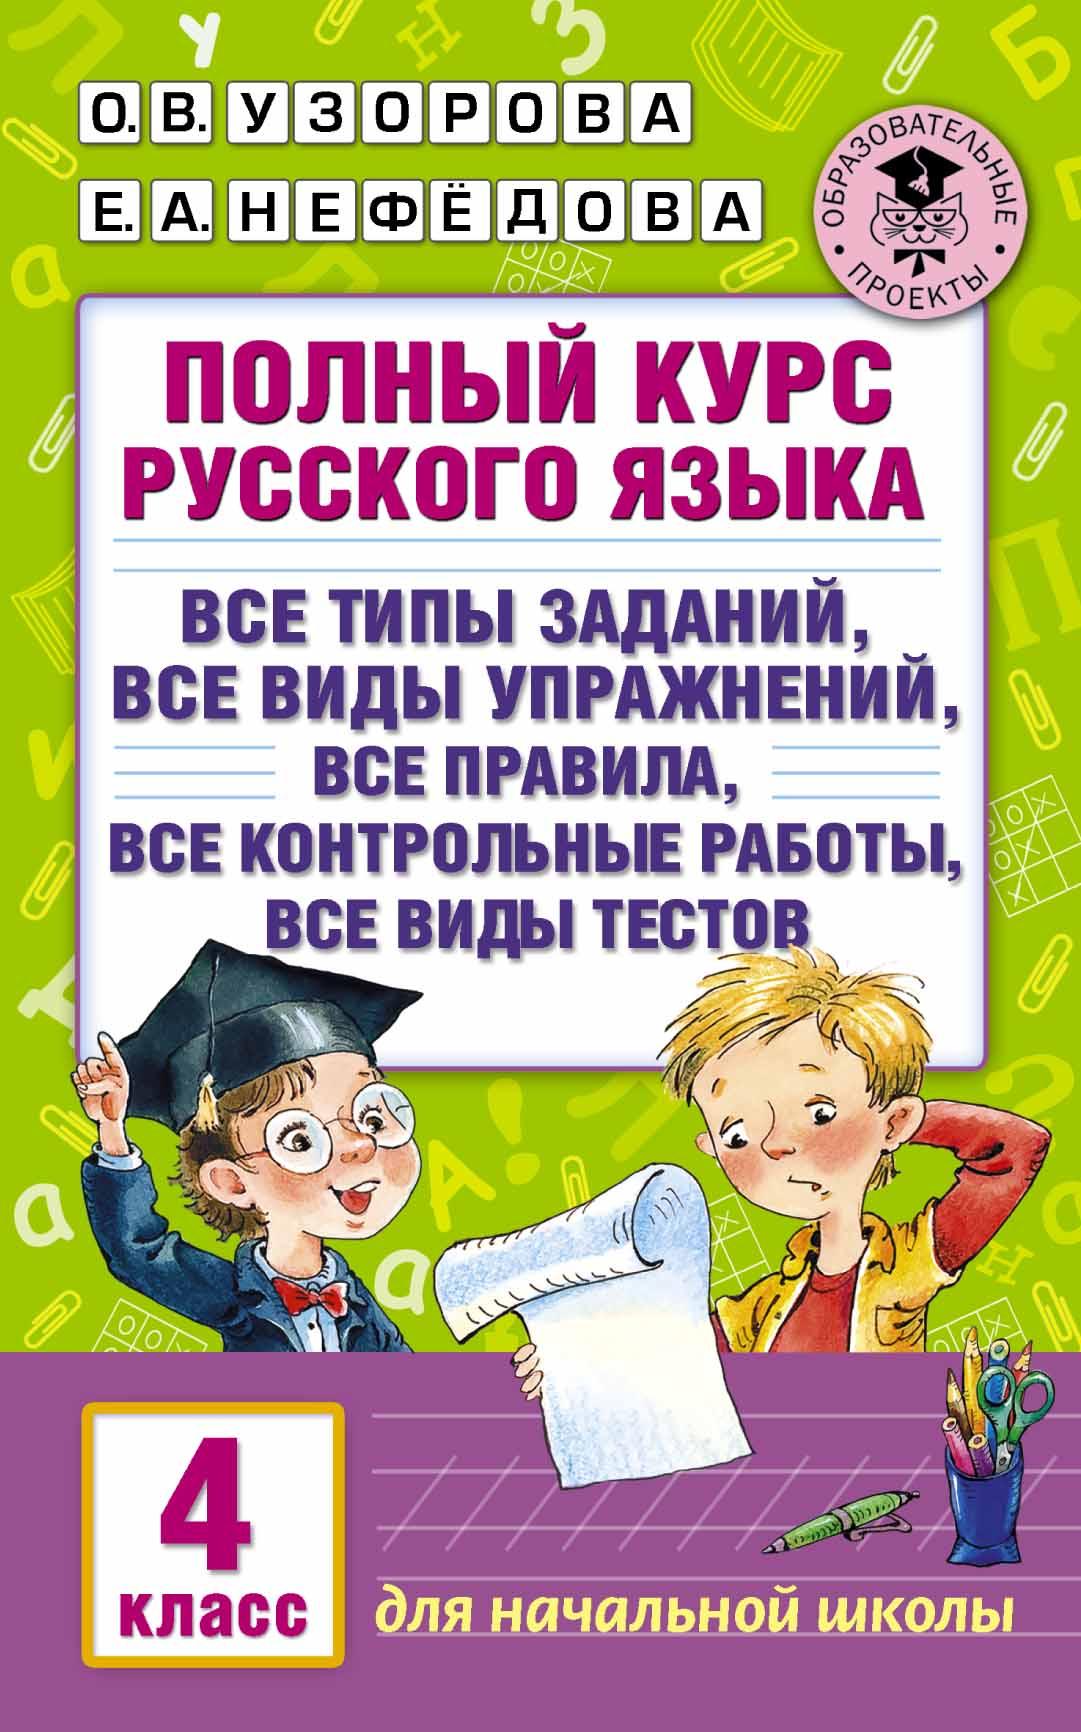 Русского класс полный 4 гдз узорова языка курс